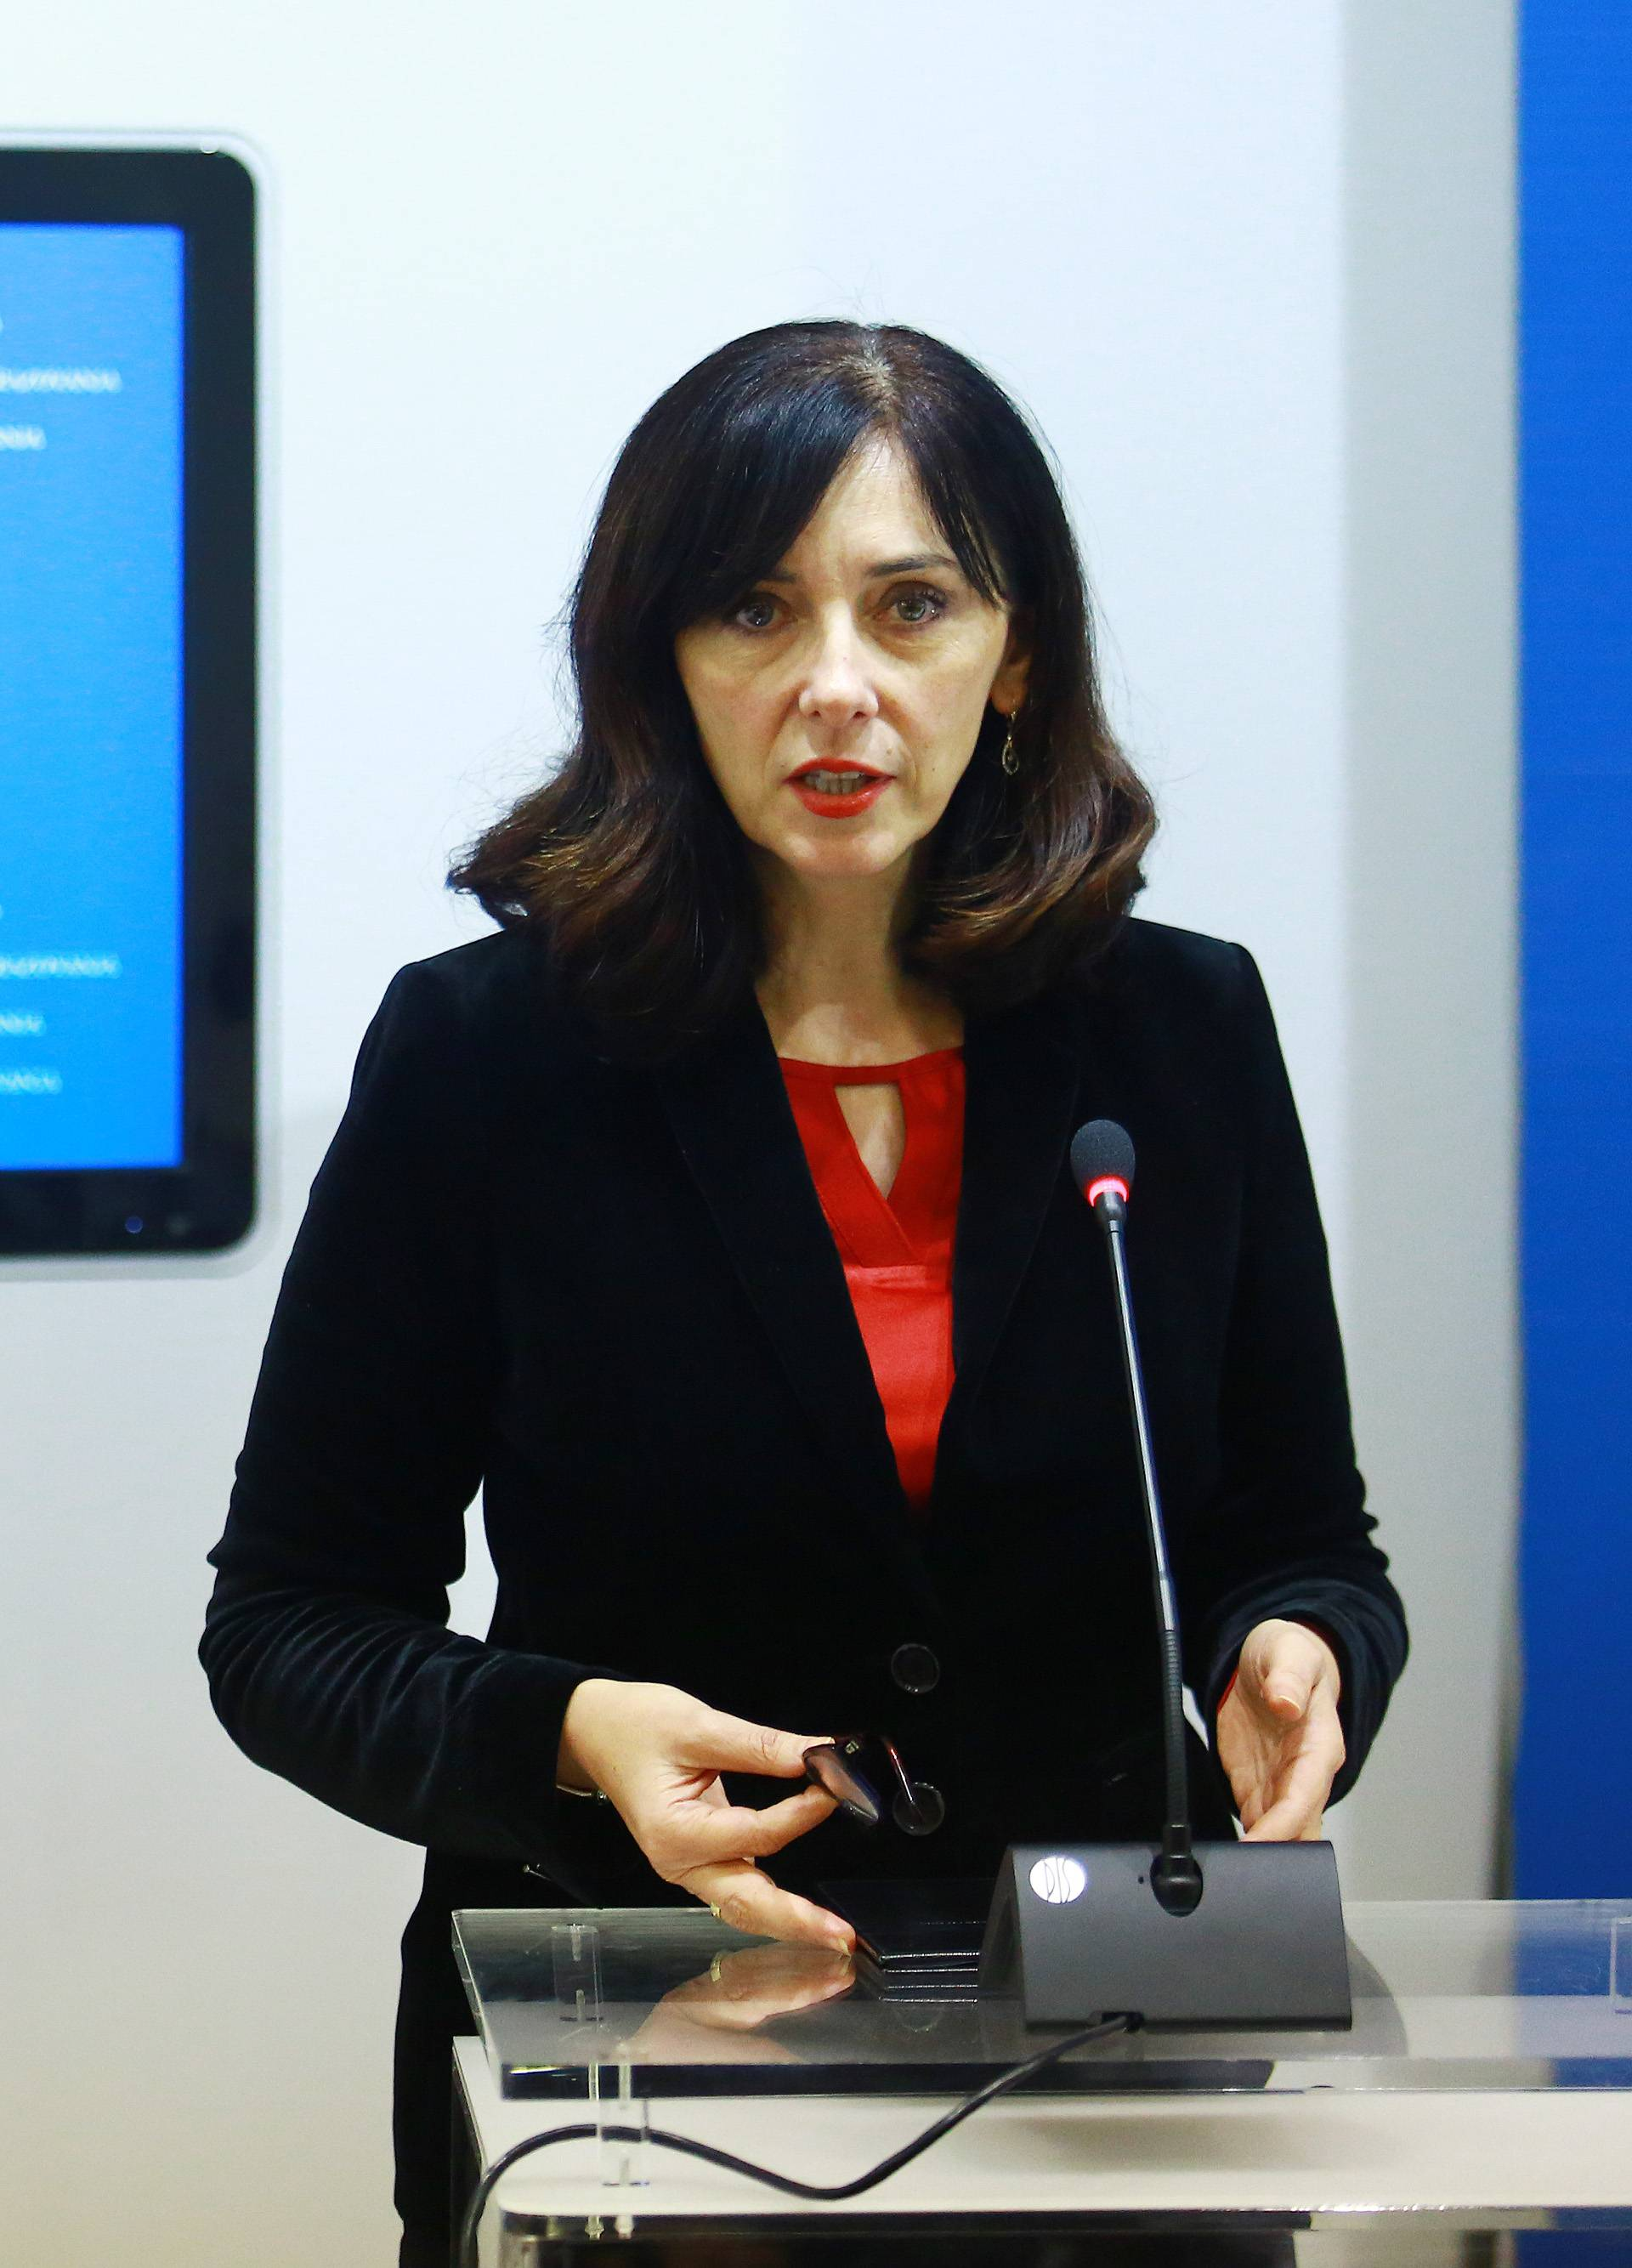 Zagreb: Potpisan kolektivni ugovor za zaposlenike u sustavu znanosti i visokog obrazovanja